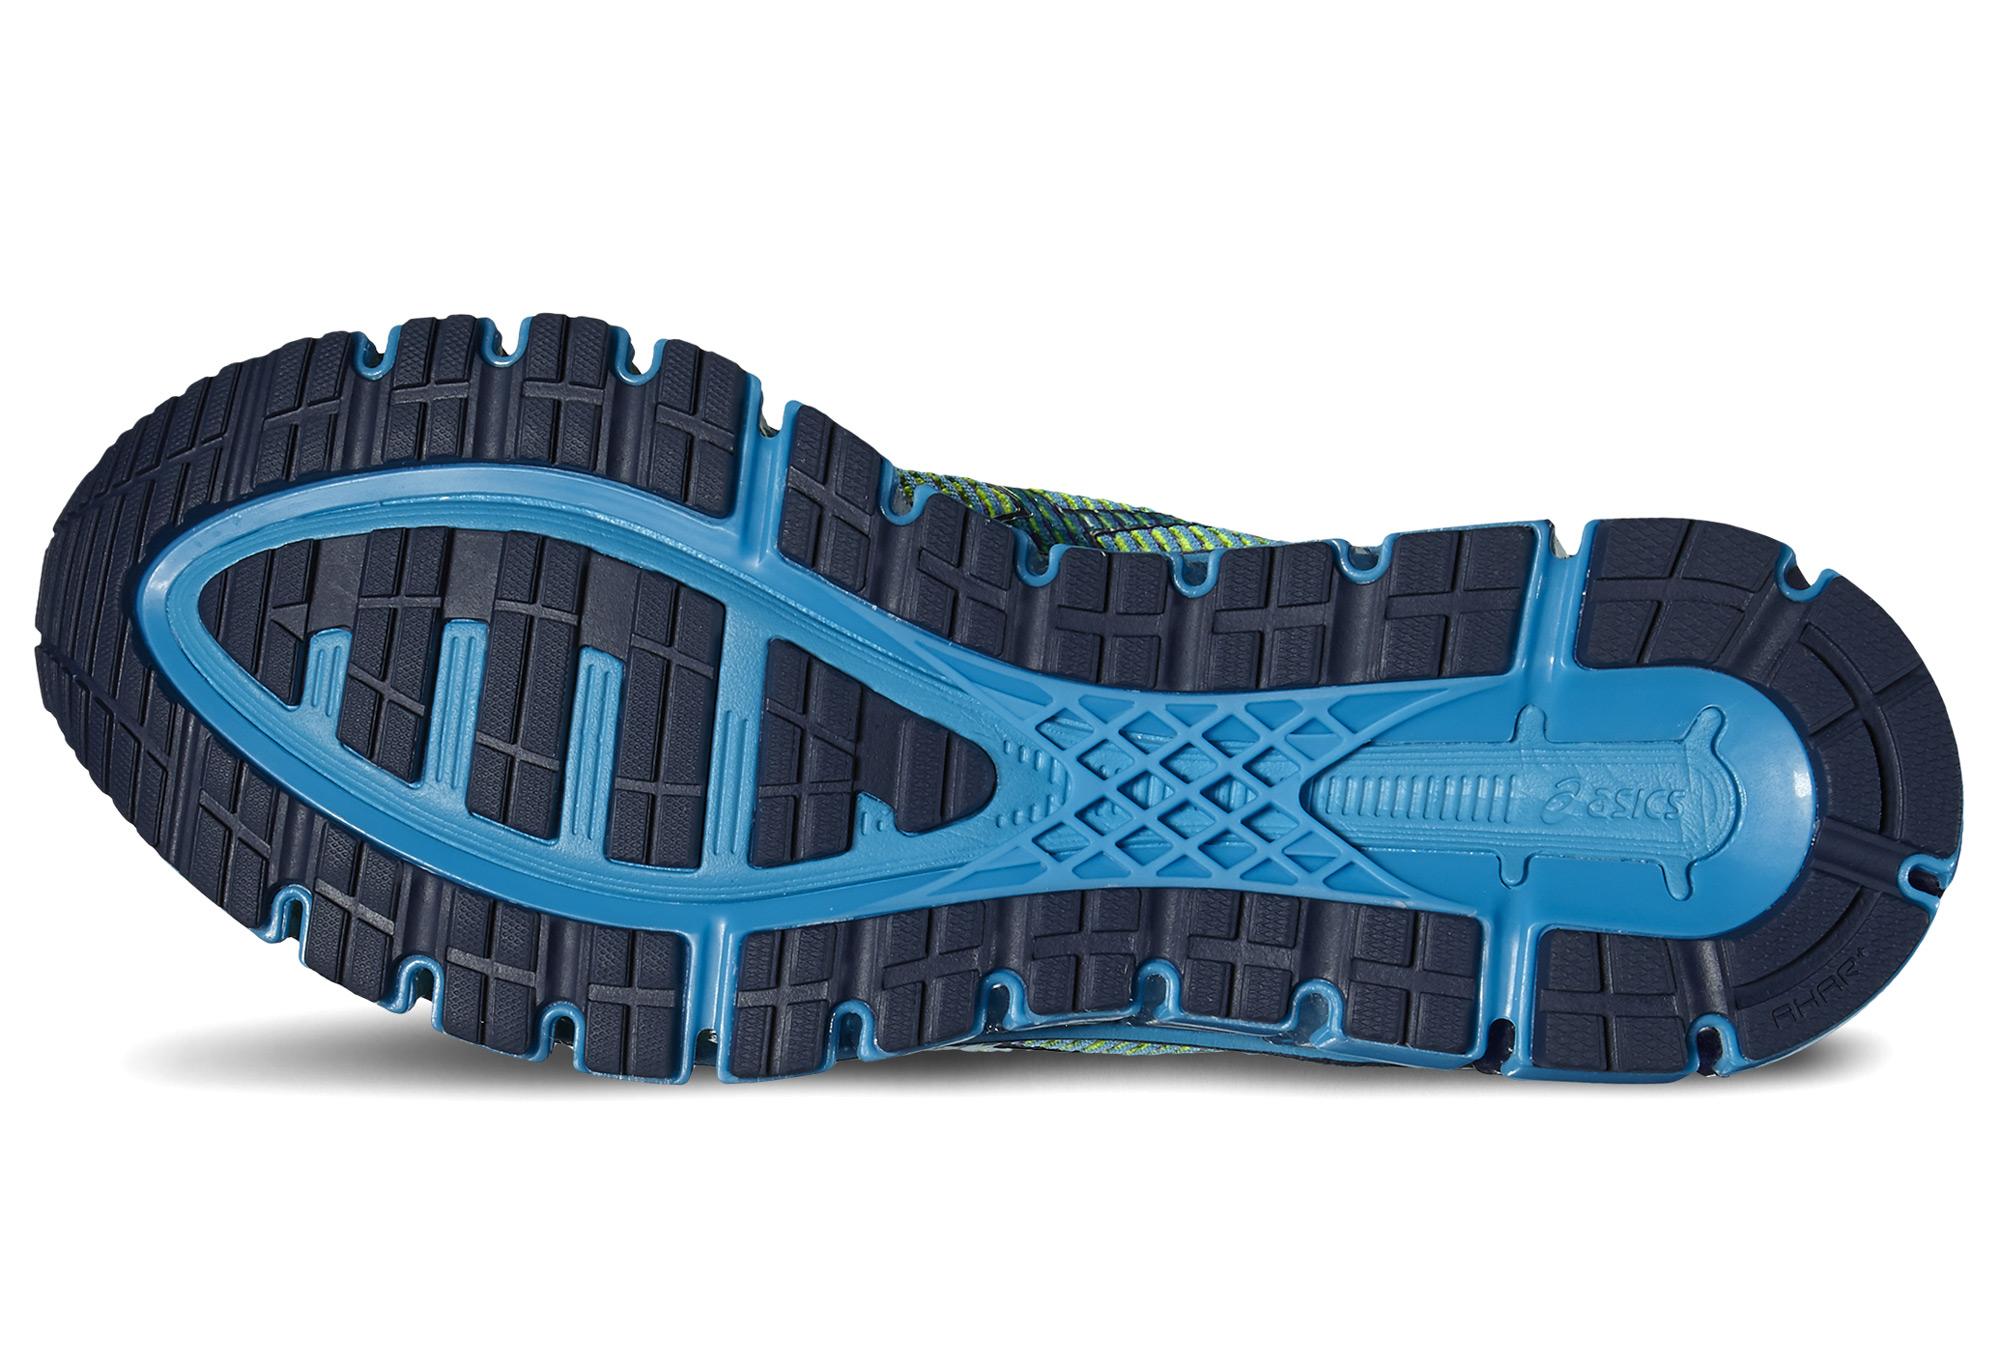 Asics Gel De Los Hombres-cuánticos 360 Cm Zapatos Casuales Opinión yvAoekk